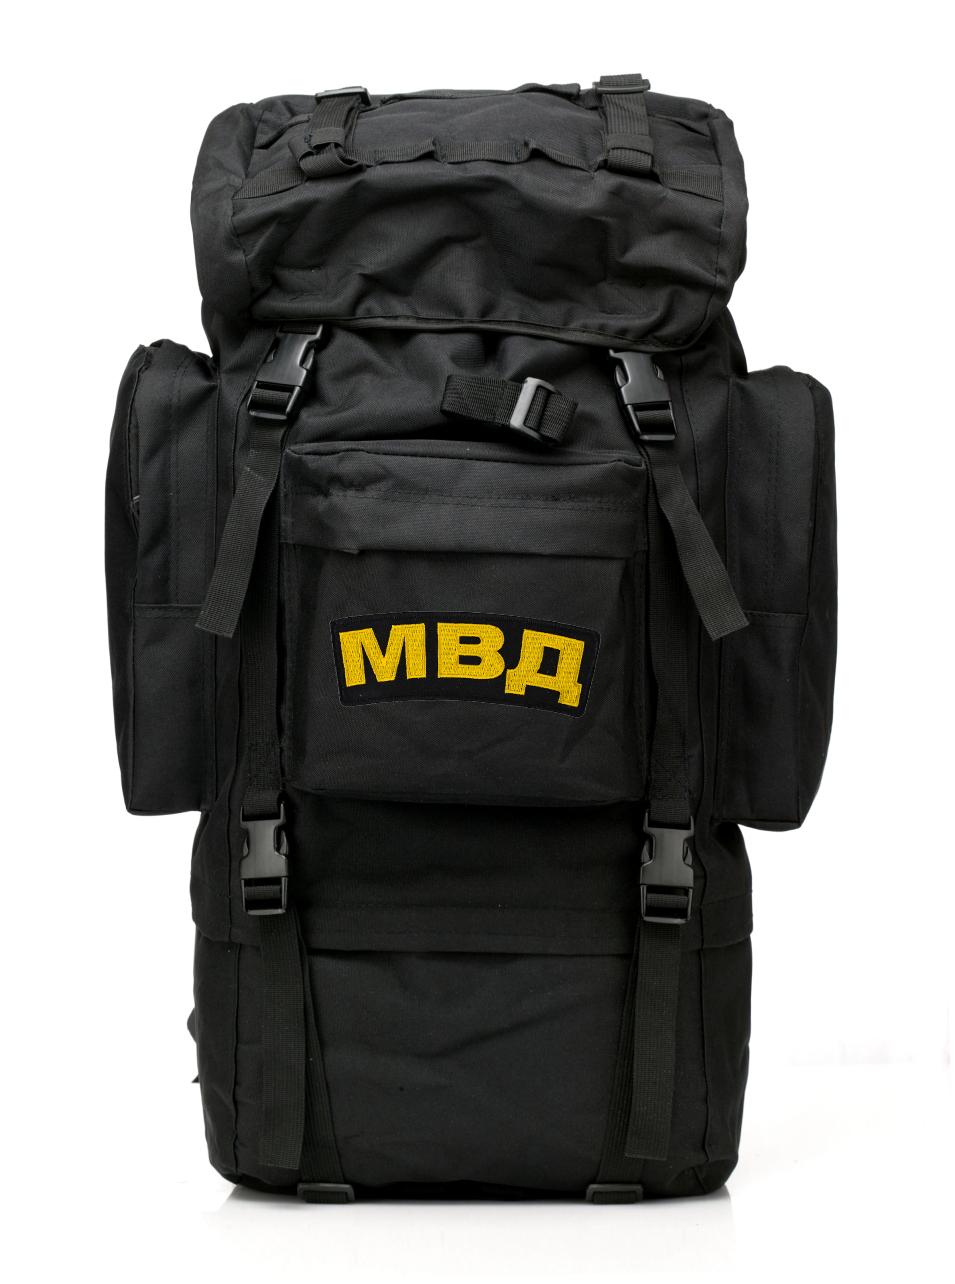 Многодневный черный рюкзак МВД Max Fuchs - заказать оптом